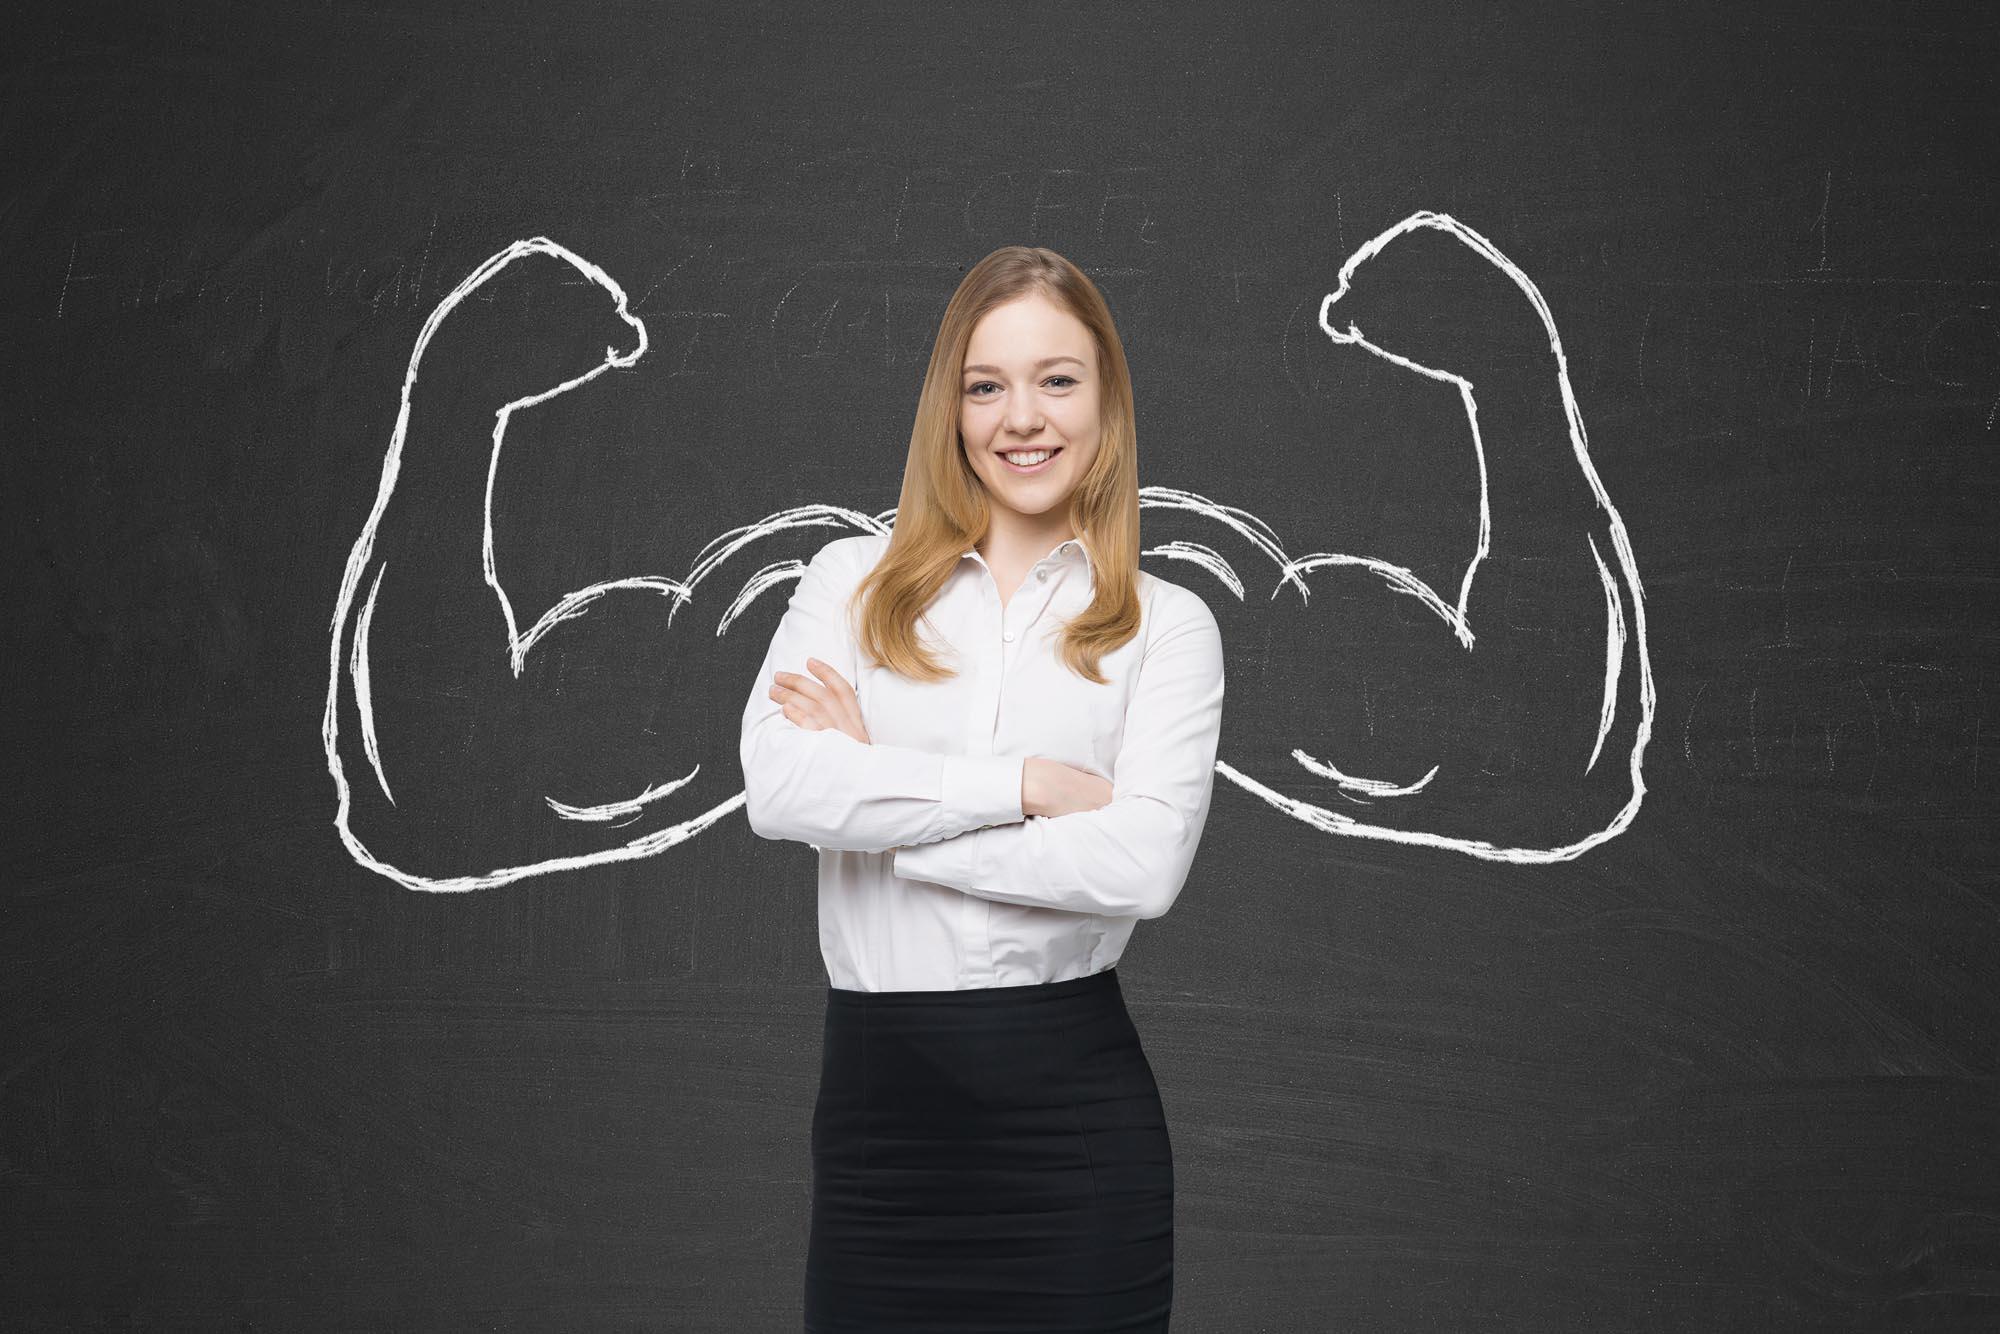 Uncover Employees' Hidden Strengths